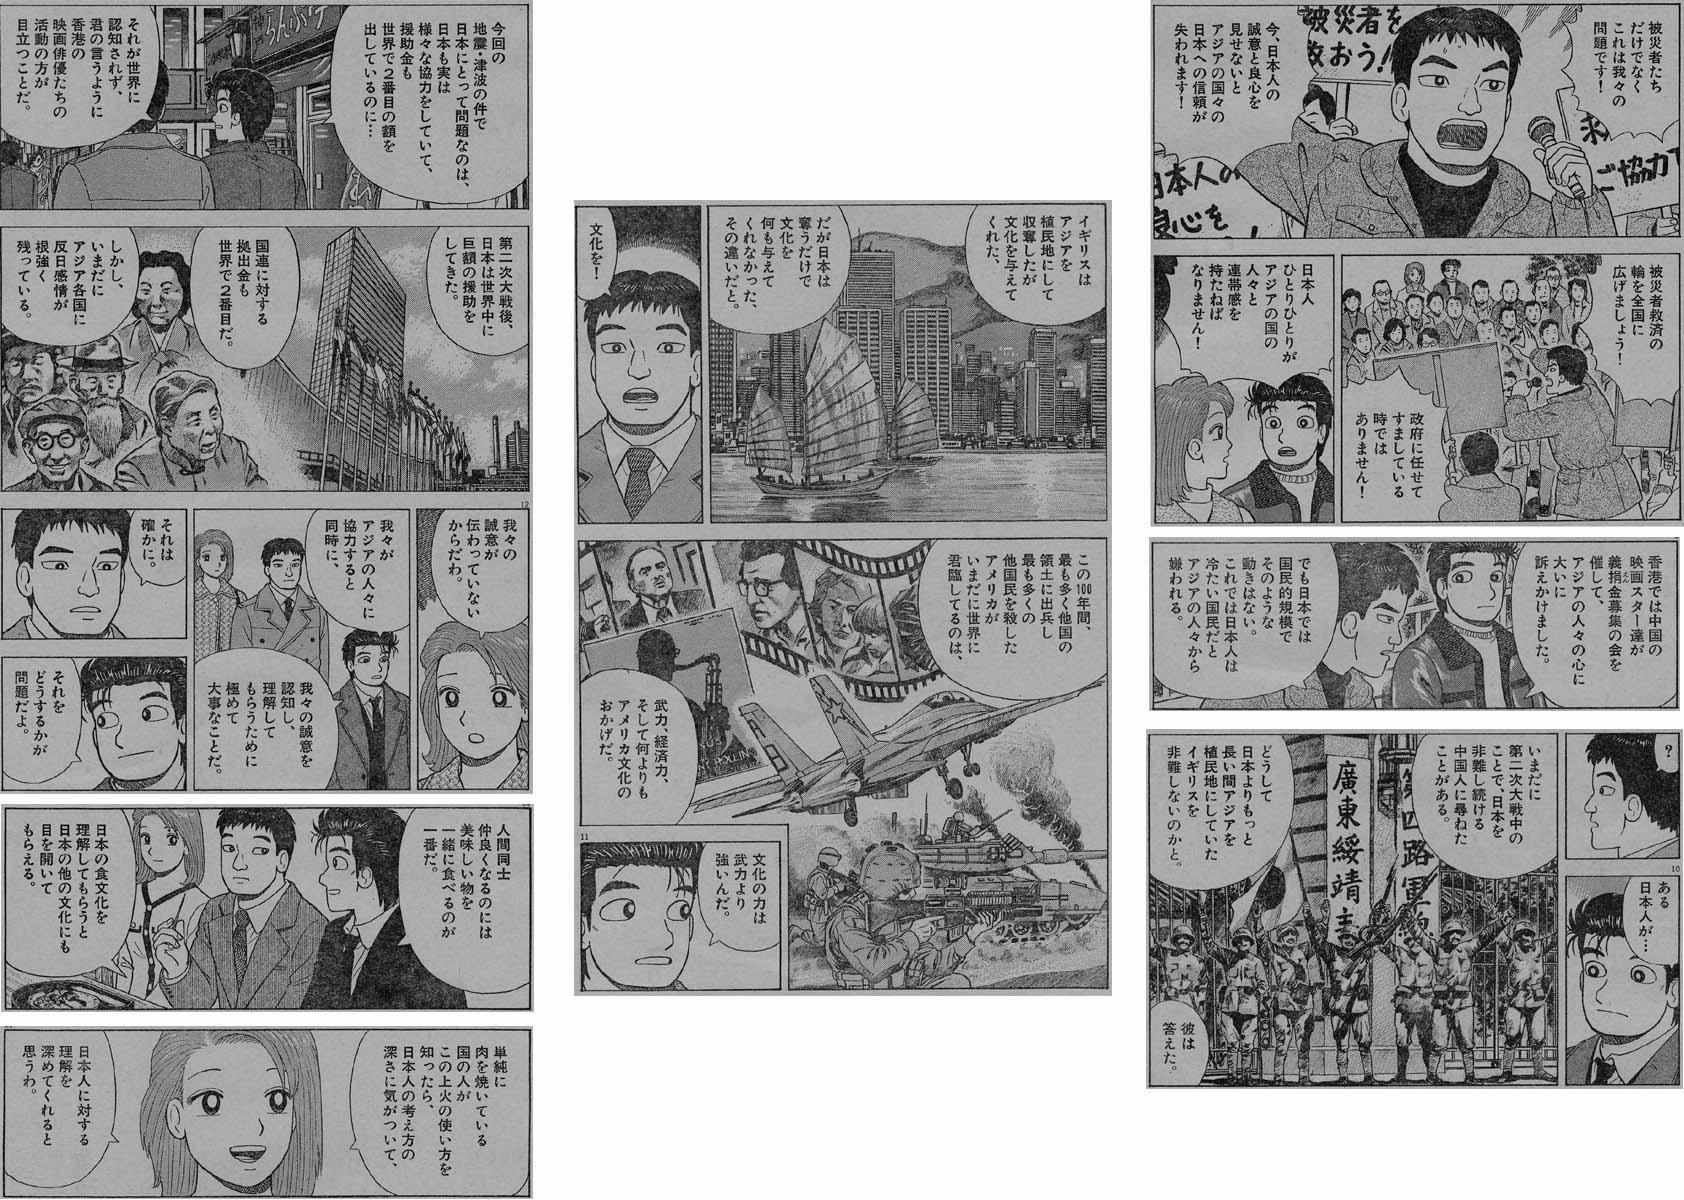 《맛의 달인》에서 말하는 영국과 일본의 식민지